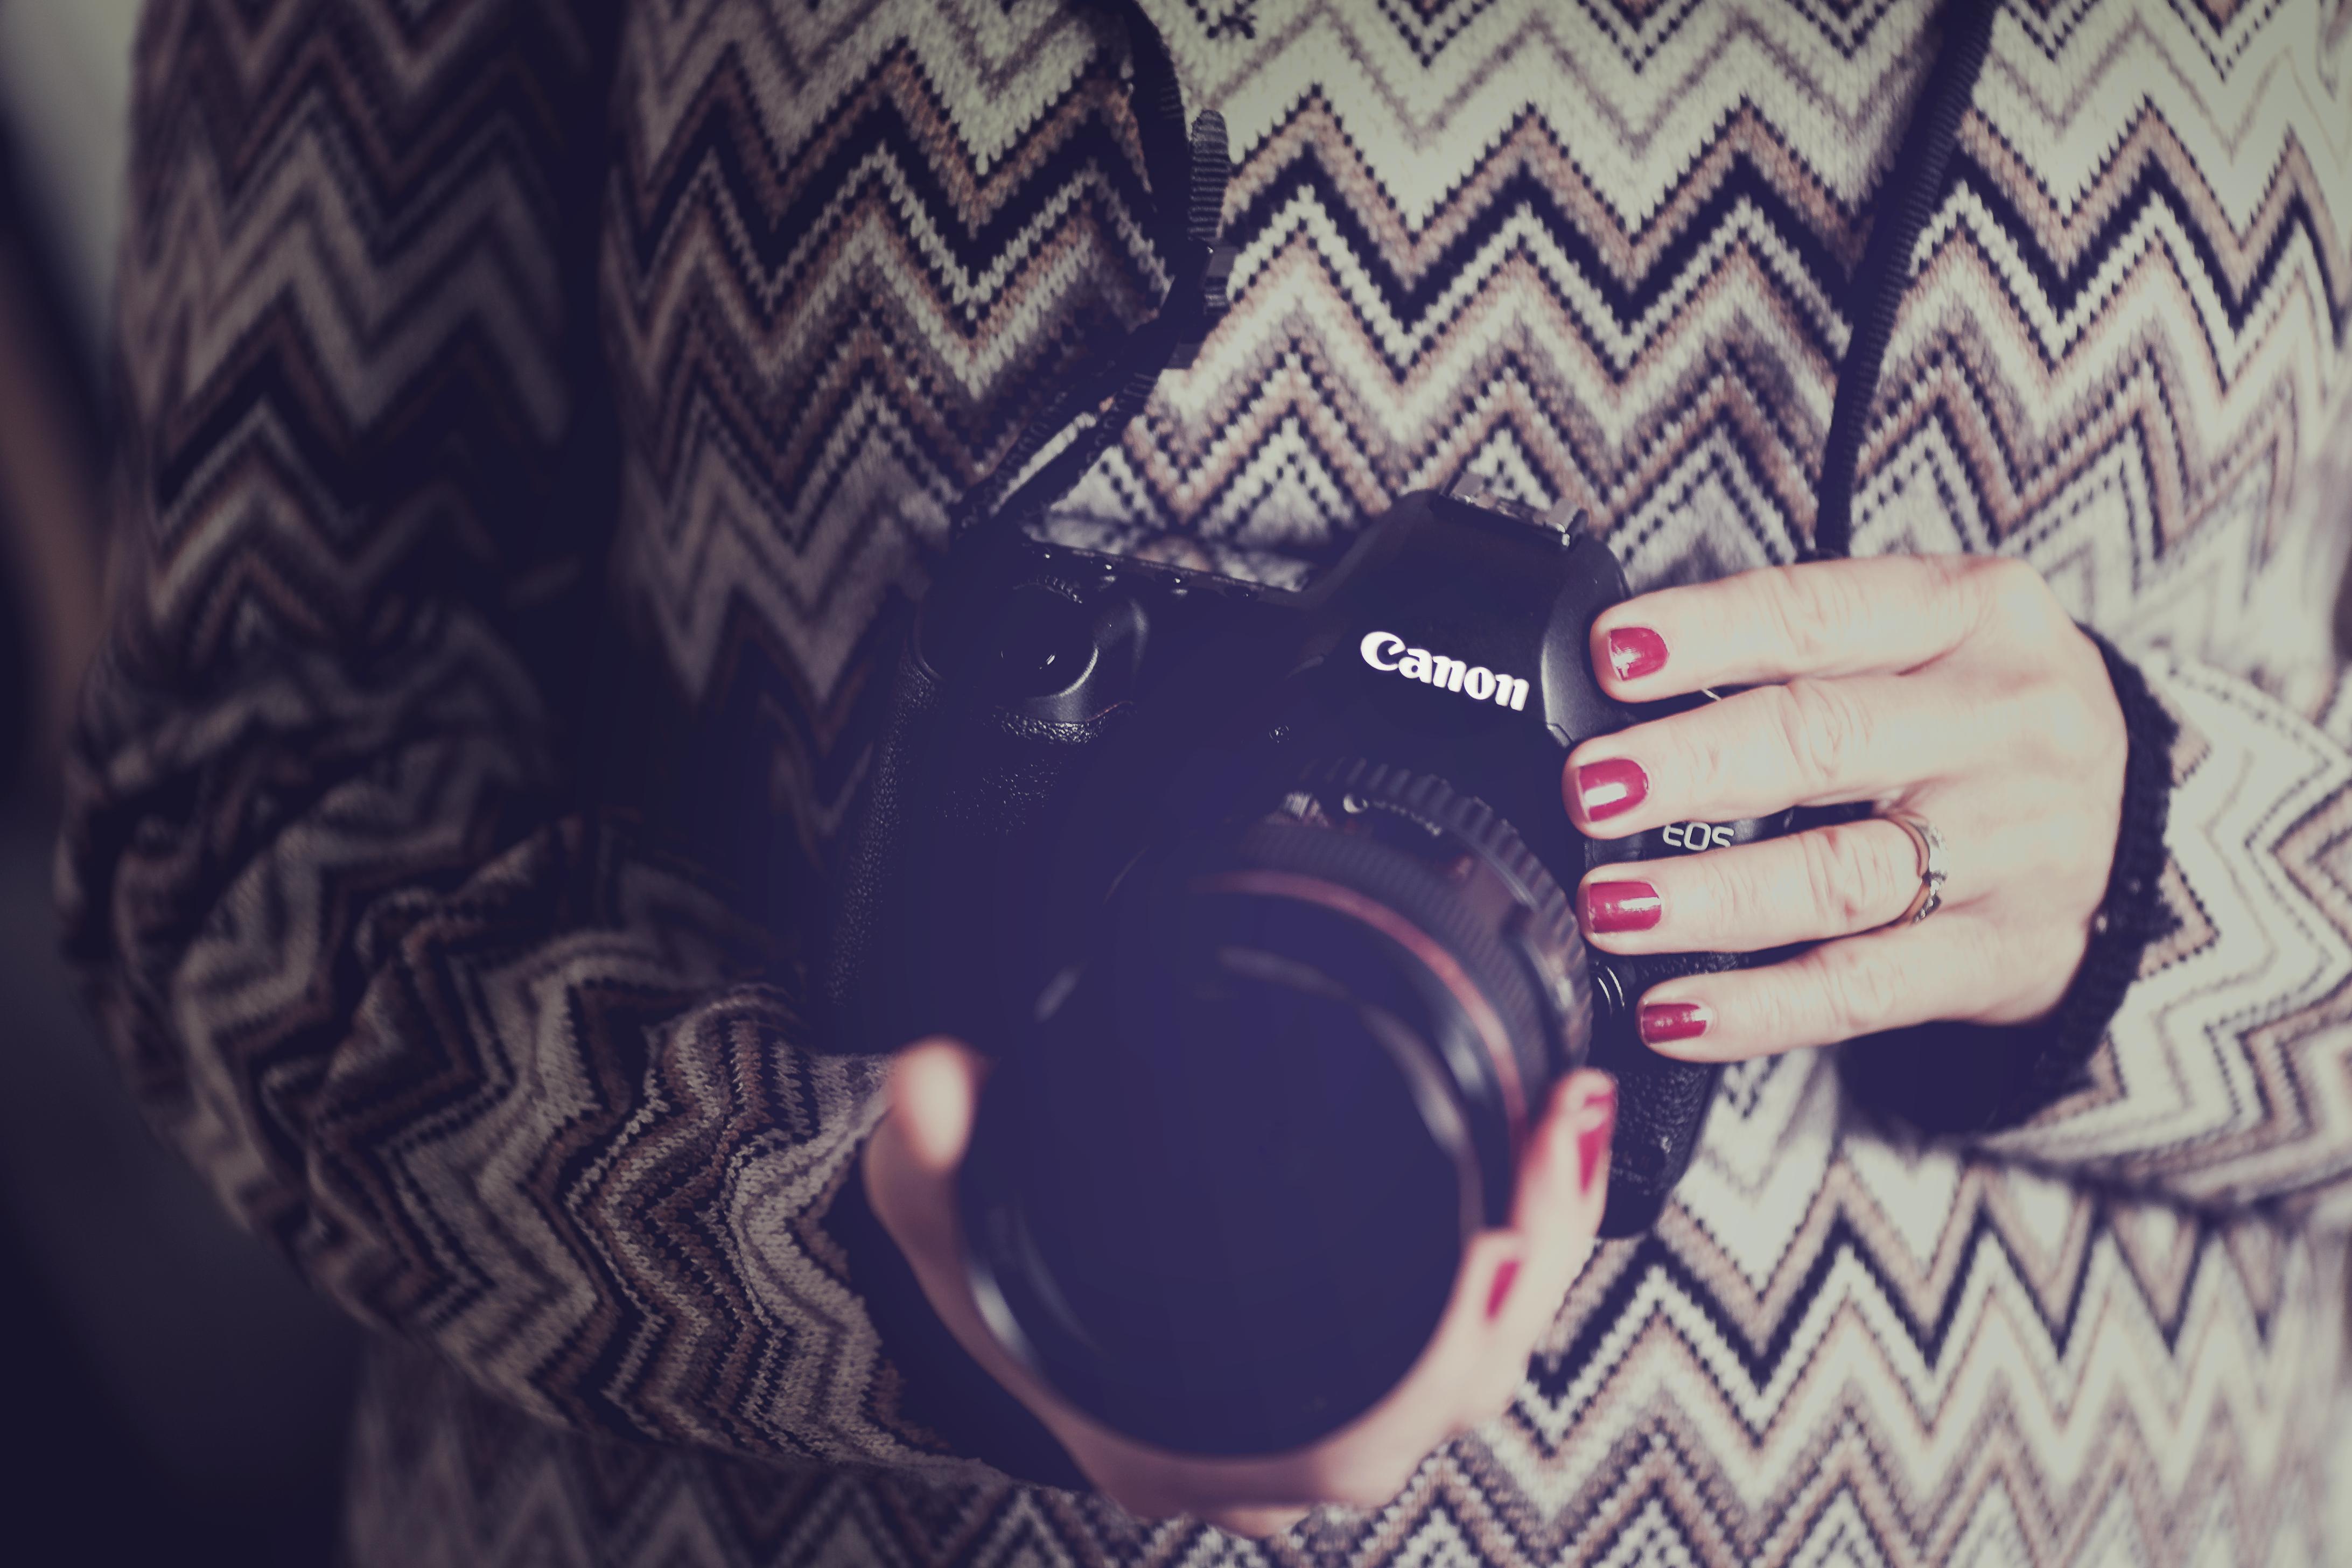 fotomaskagrafia